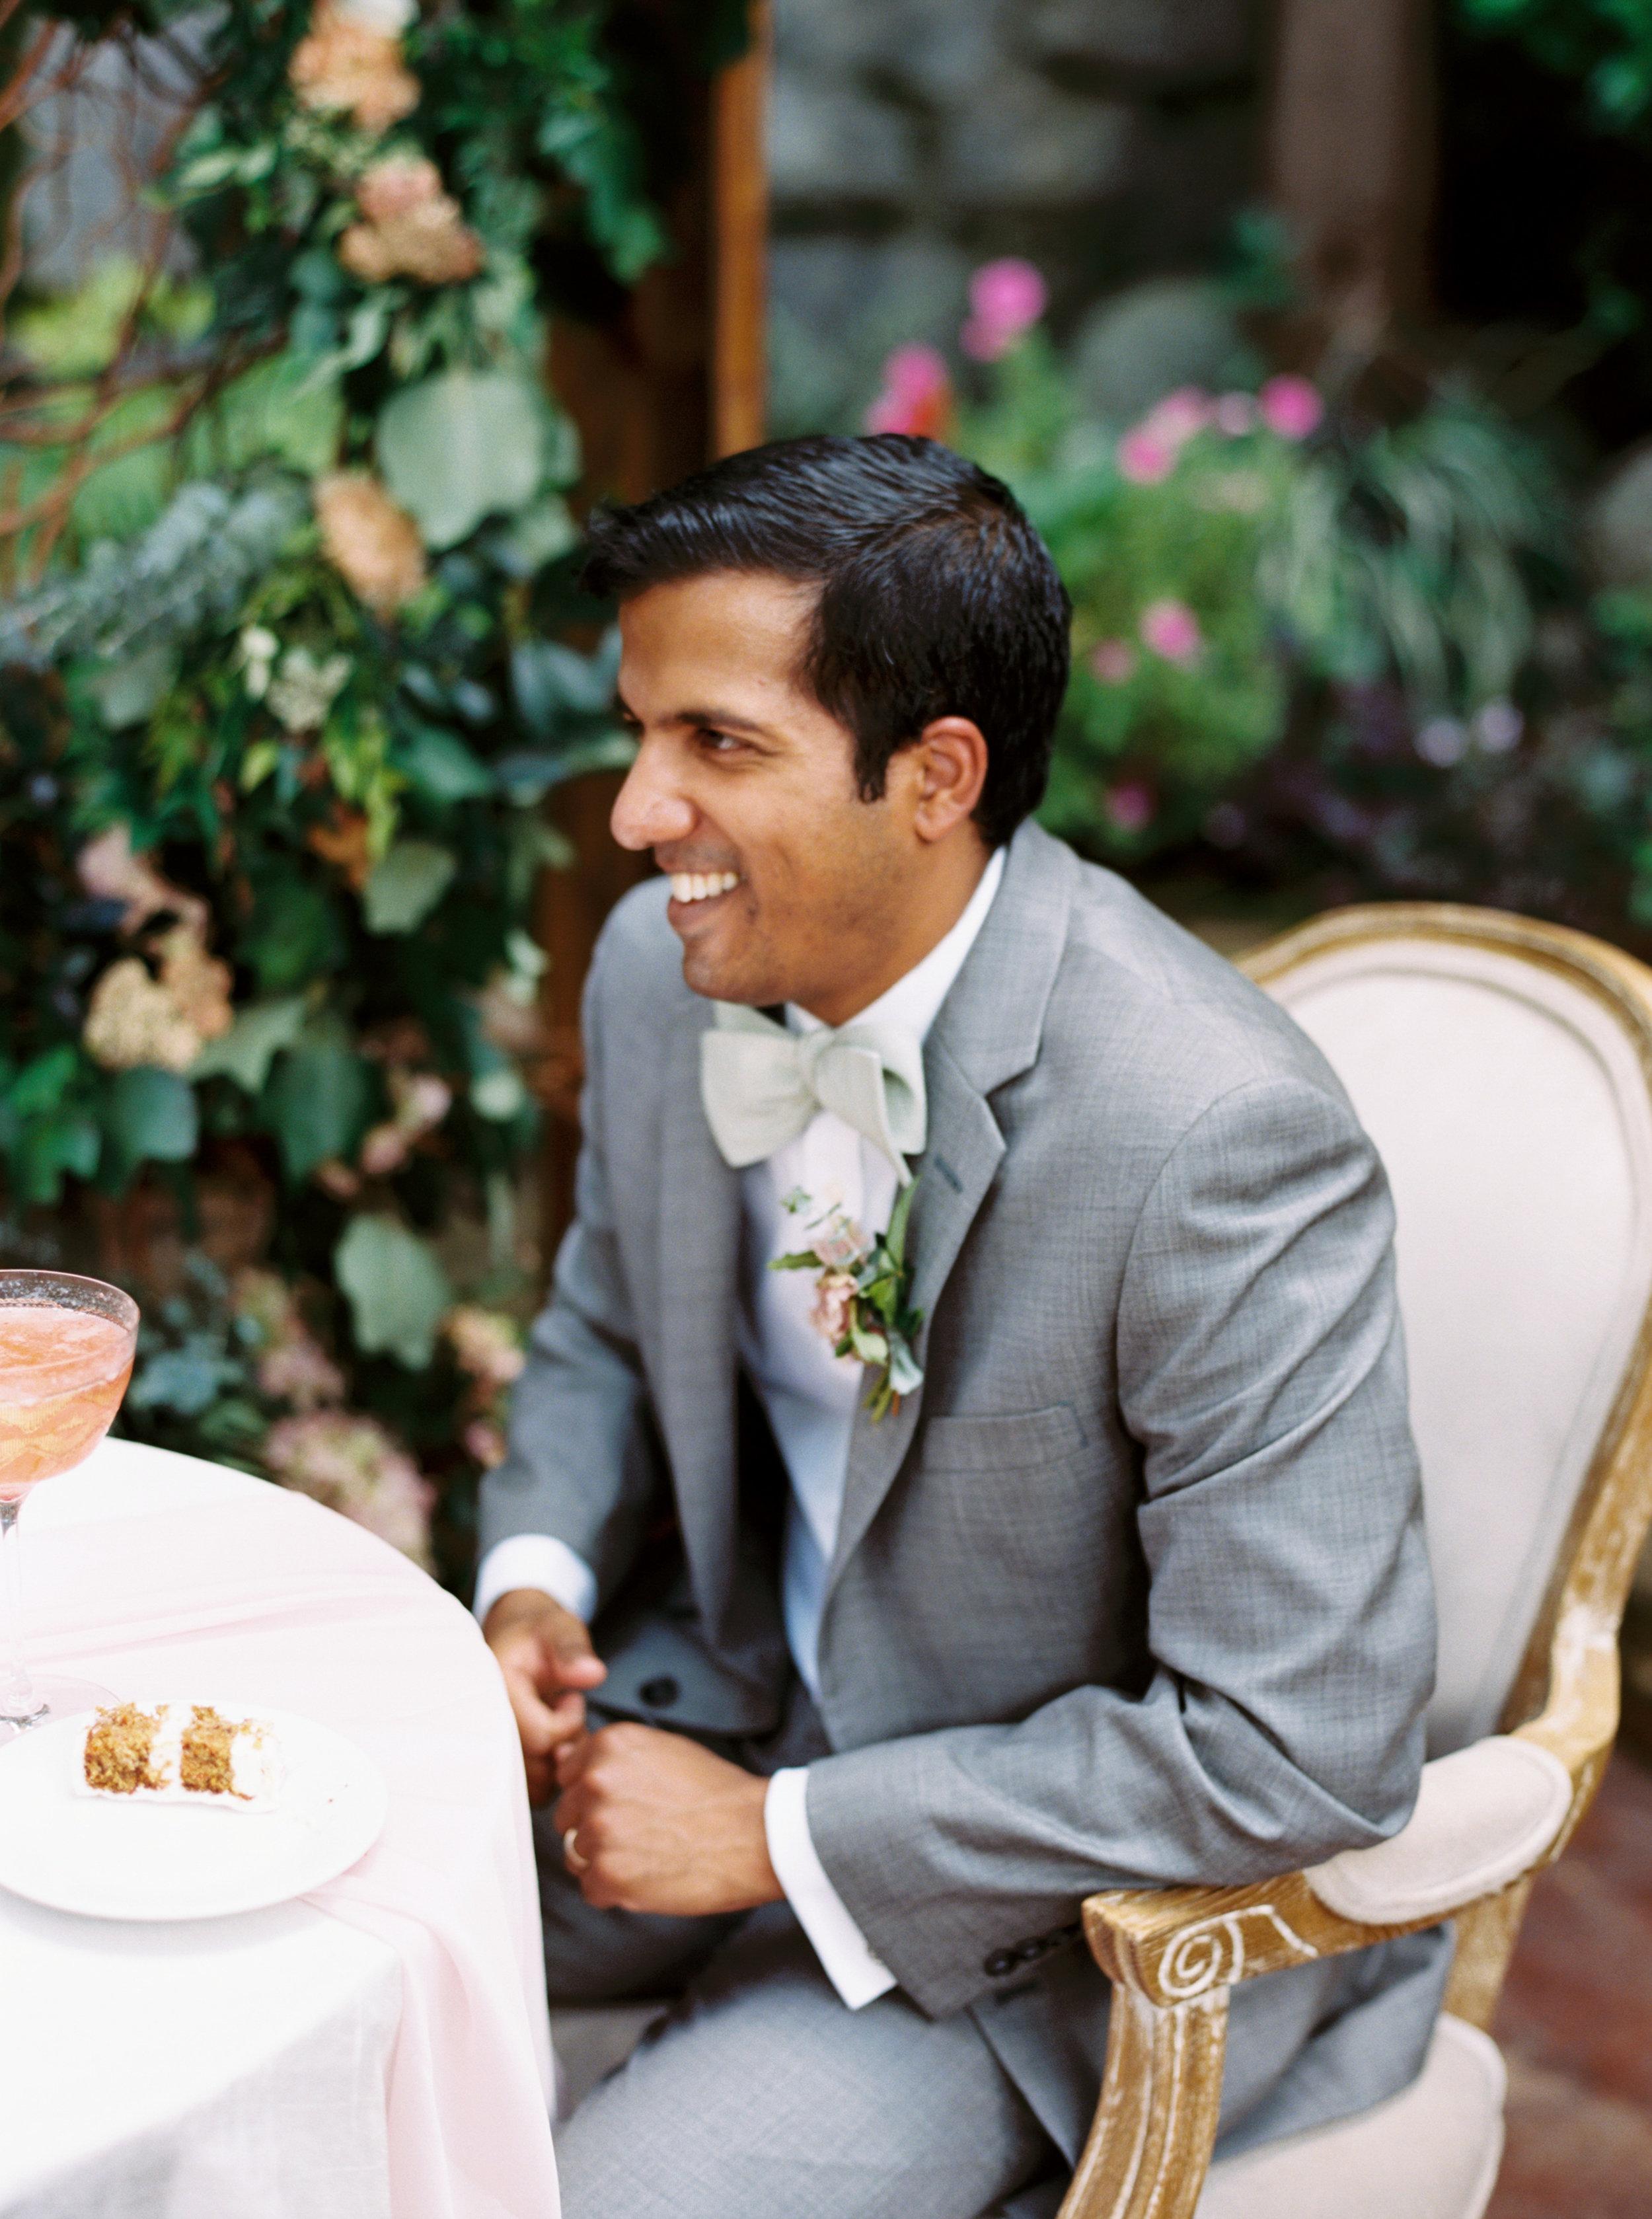 Wahoo_Grill_Atlanta_Indian_Wedding_Abigail_Malone_Photgoraphy_FIlm-150.jpg